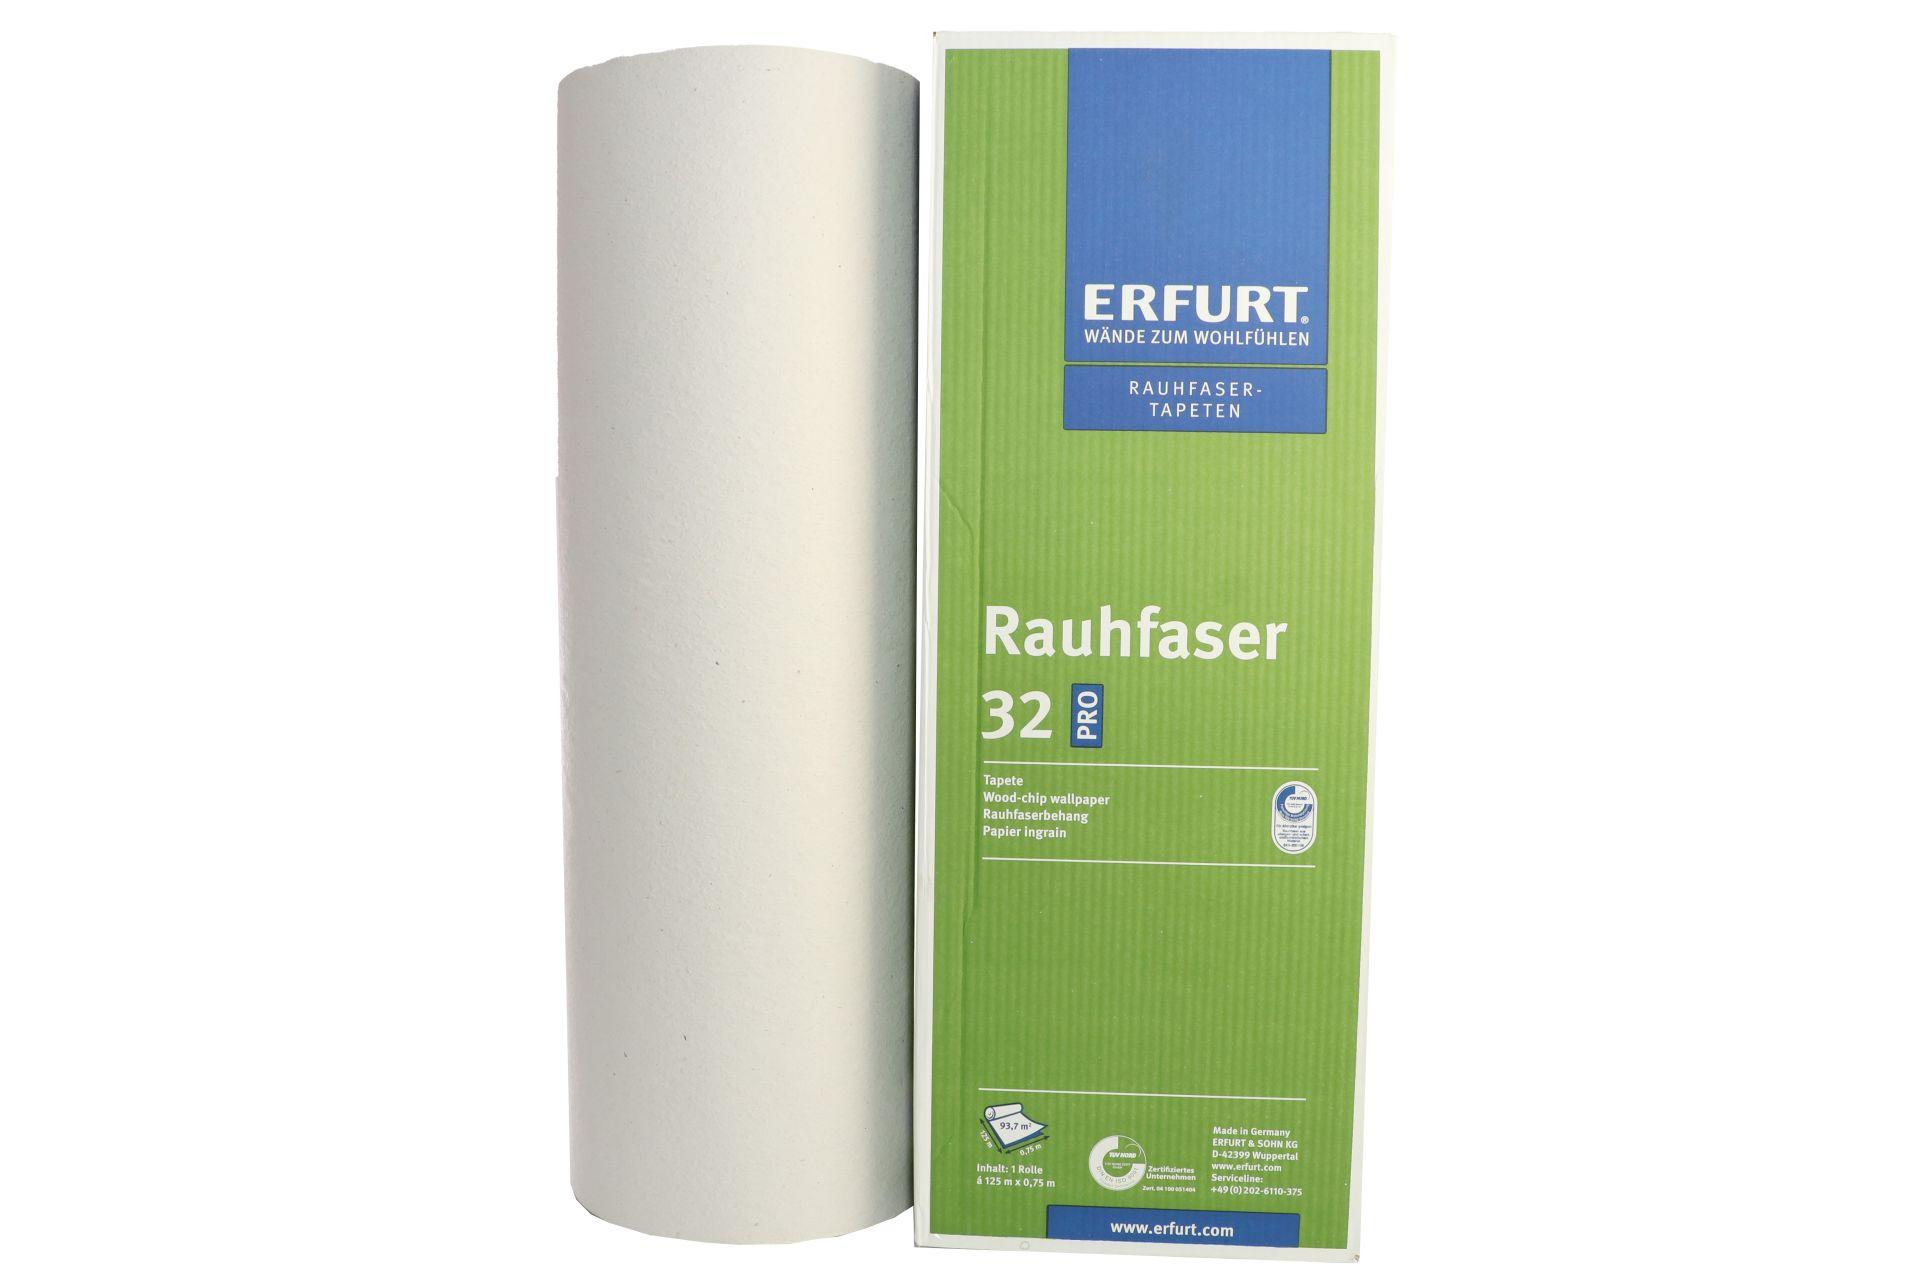 ERFURT Rauhfaser Tapete 32 Pro, elegante Struktur, 125 x 0,75 m, ausreichend für 93,75 m², 1 Großrolle